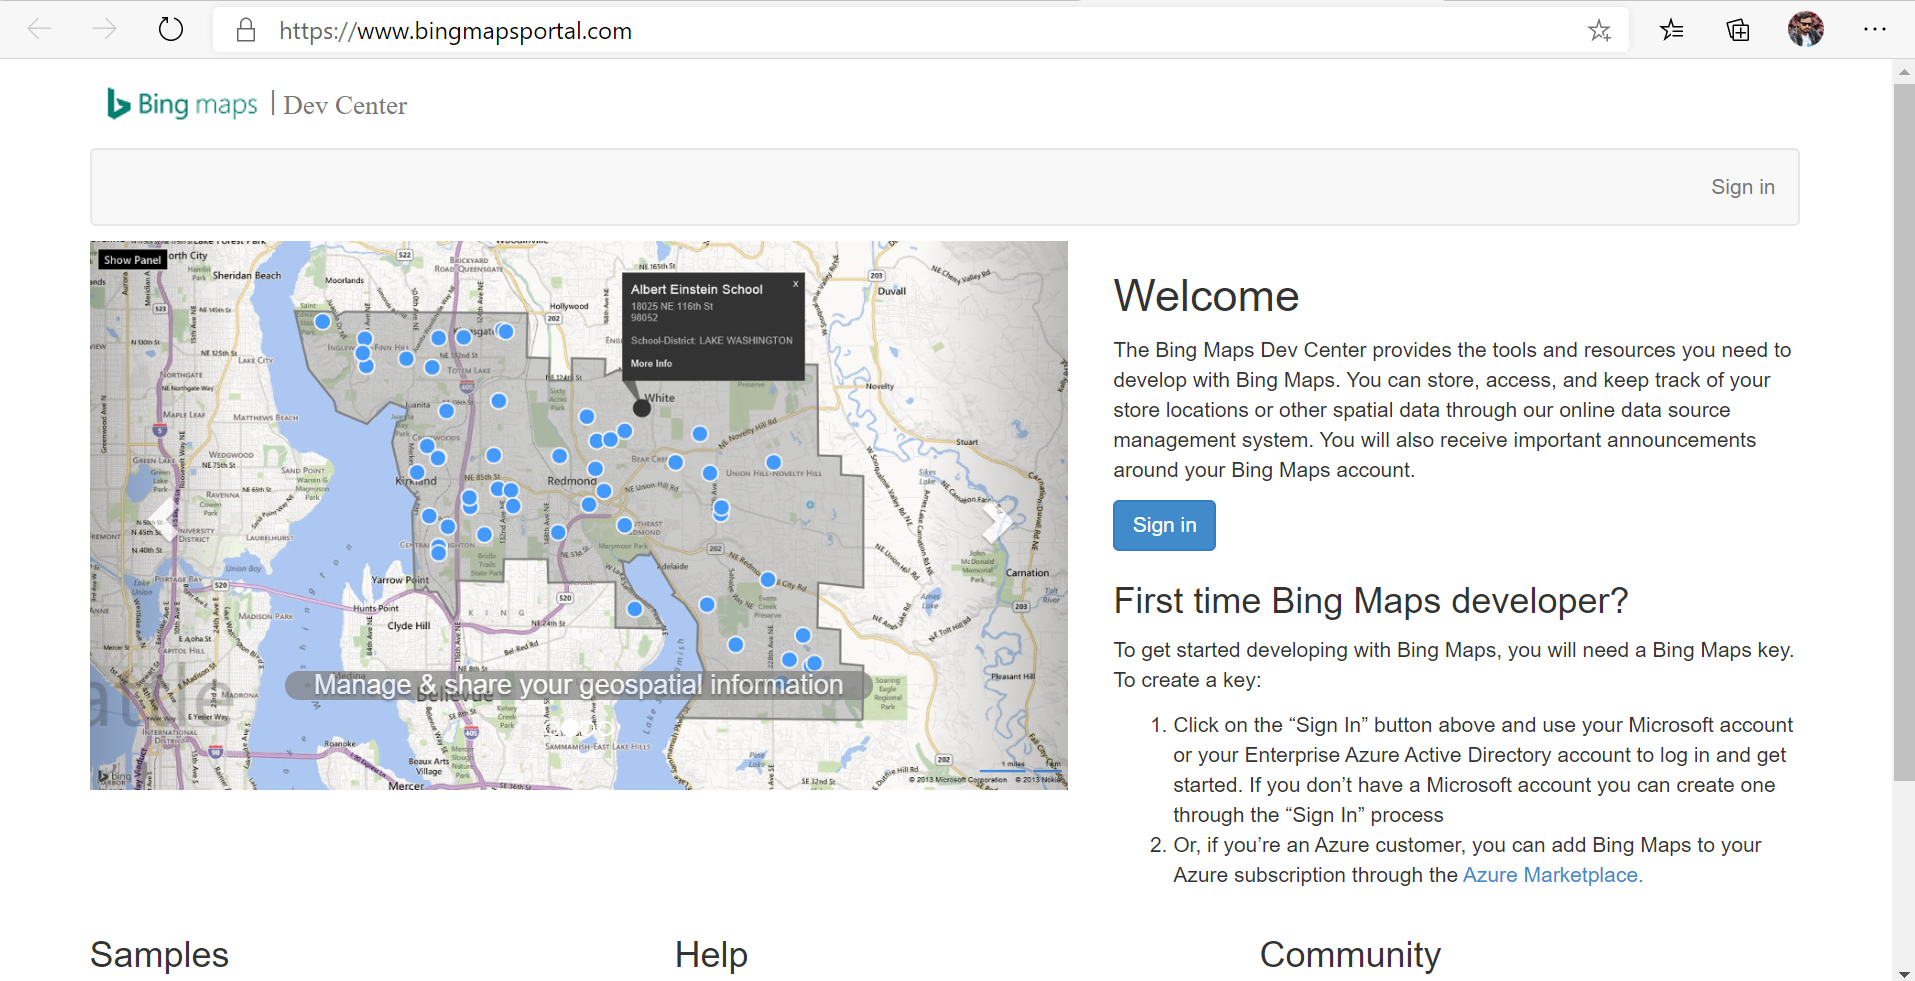 Bing Maps Dev Center